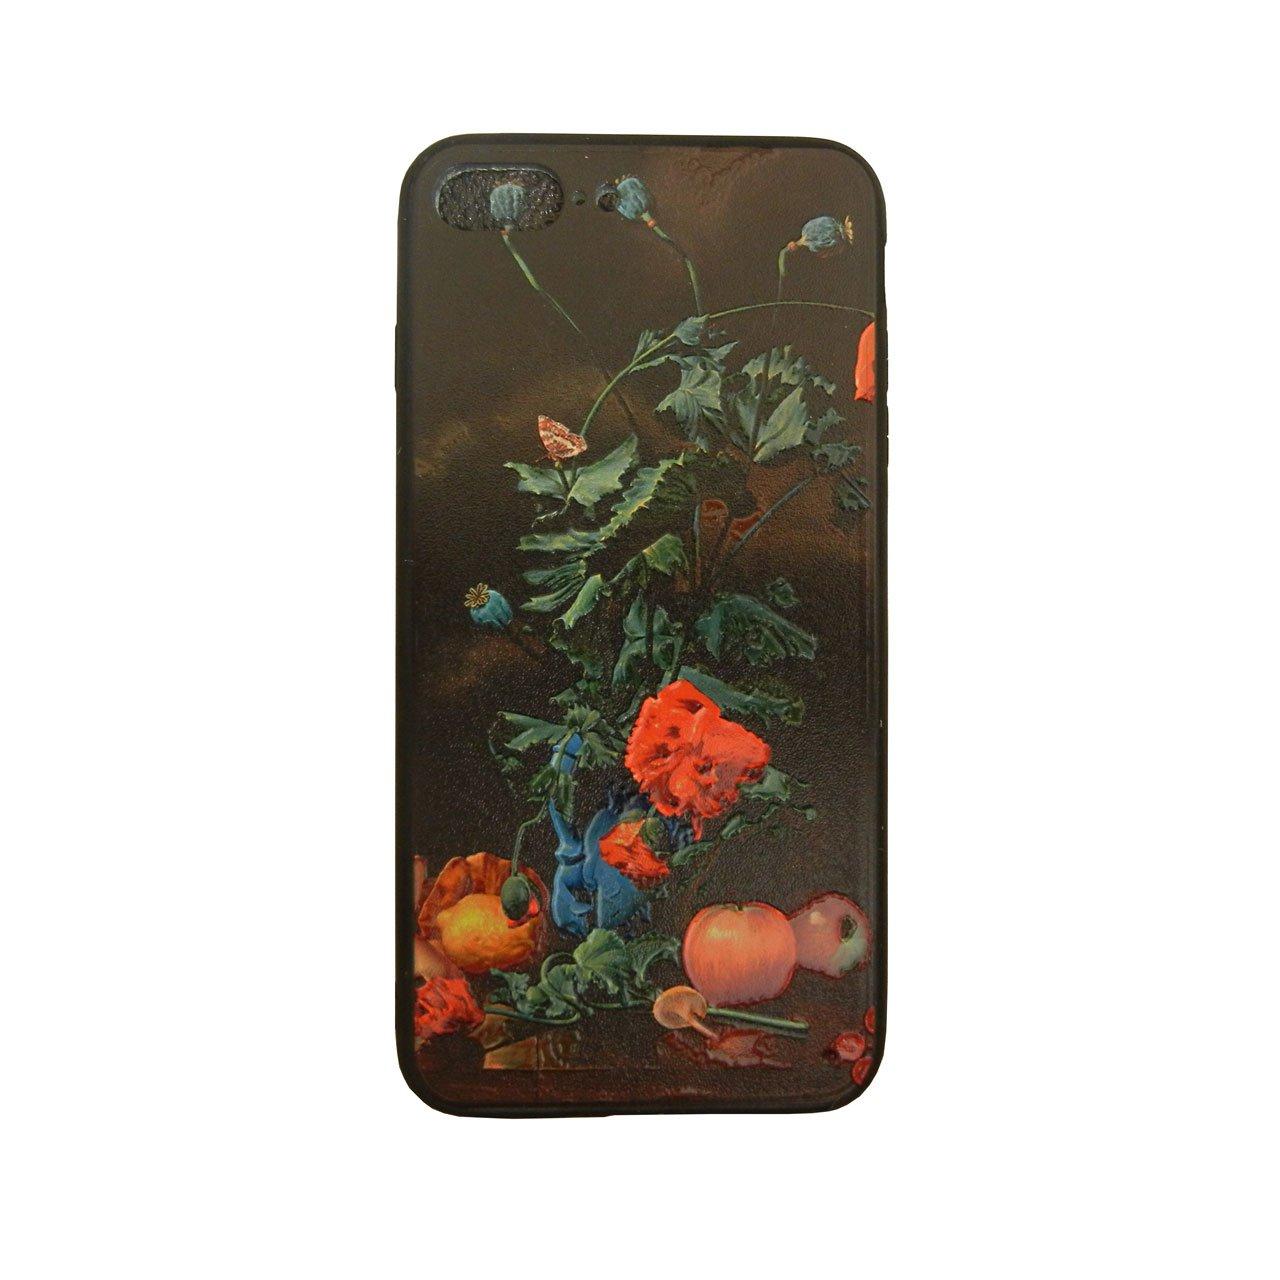 کاور موبایل مناسب برای اپل ایفون 7p 8pپلاس